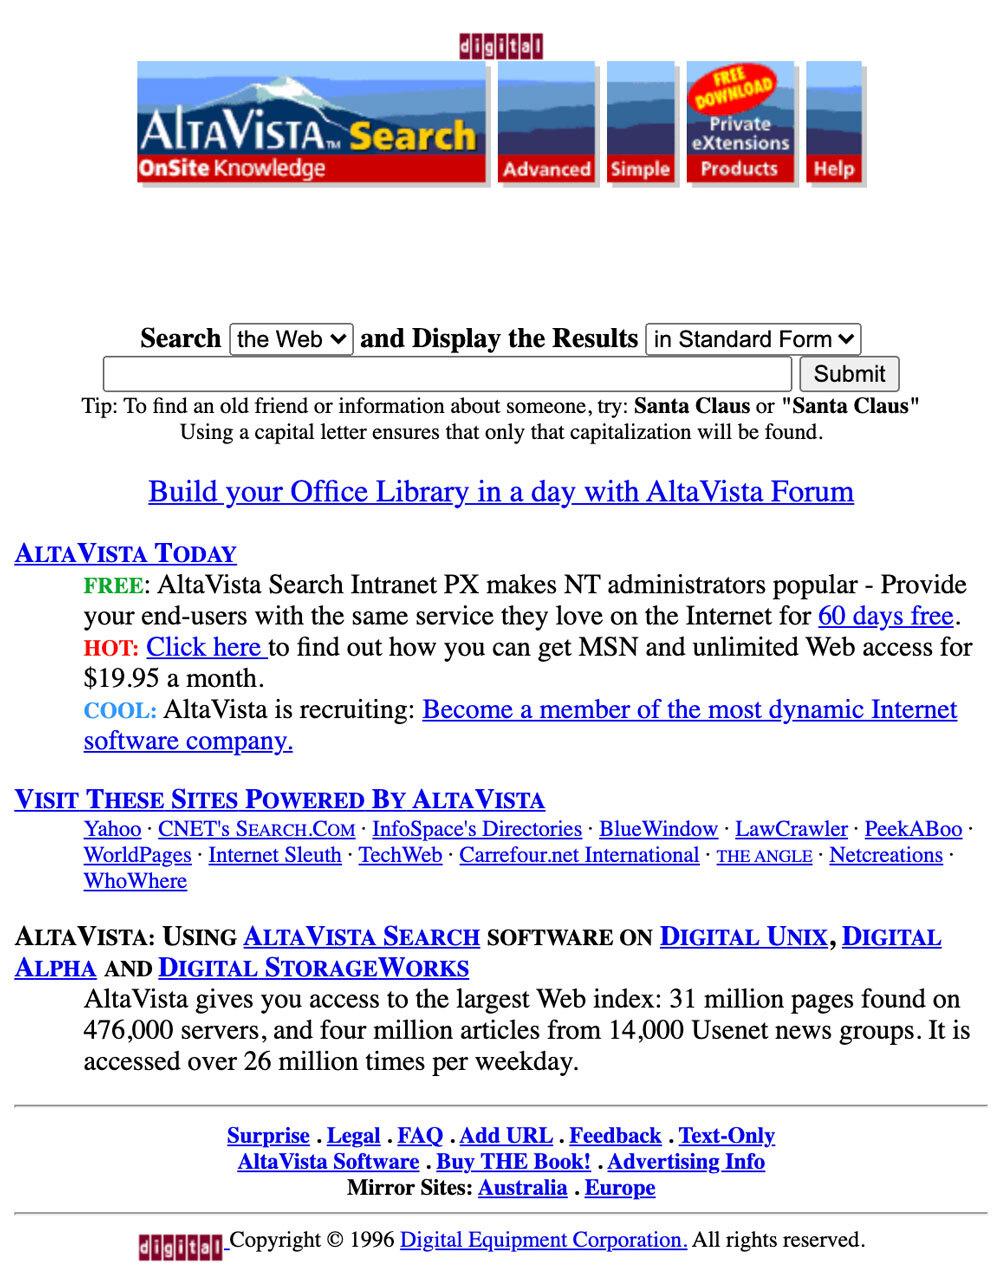 История AltaVista и сохранение прошлого Интернета - 2